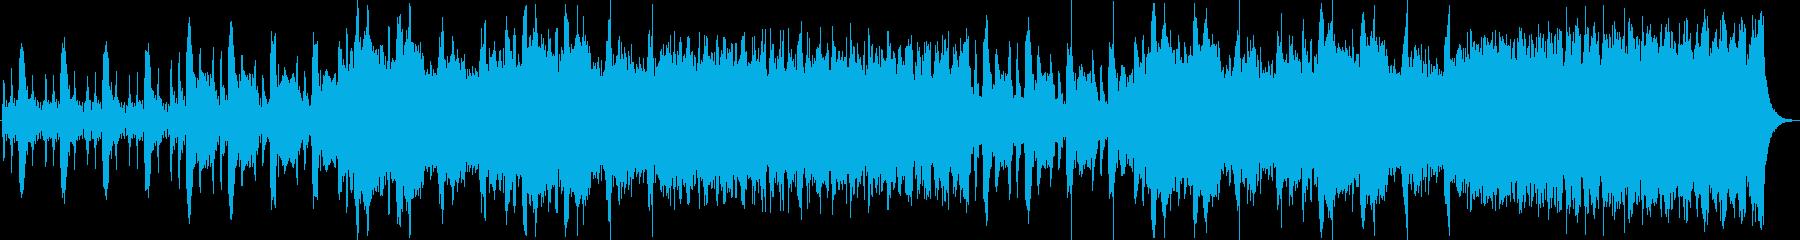 ストリングスの不穏な室内楽風プログレの再生済みの波形